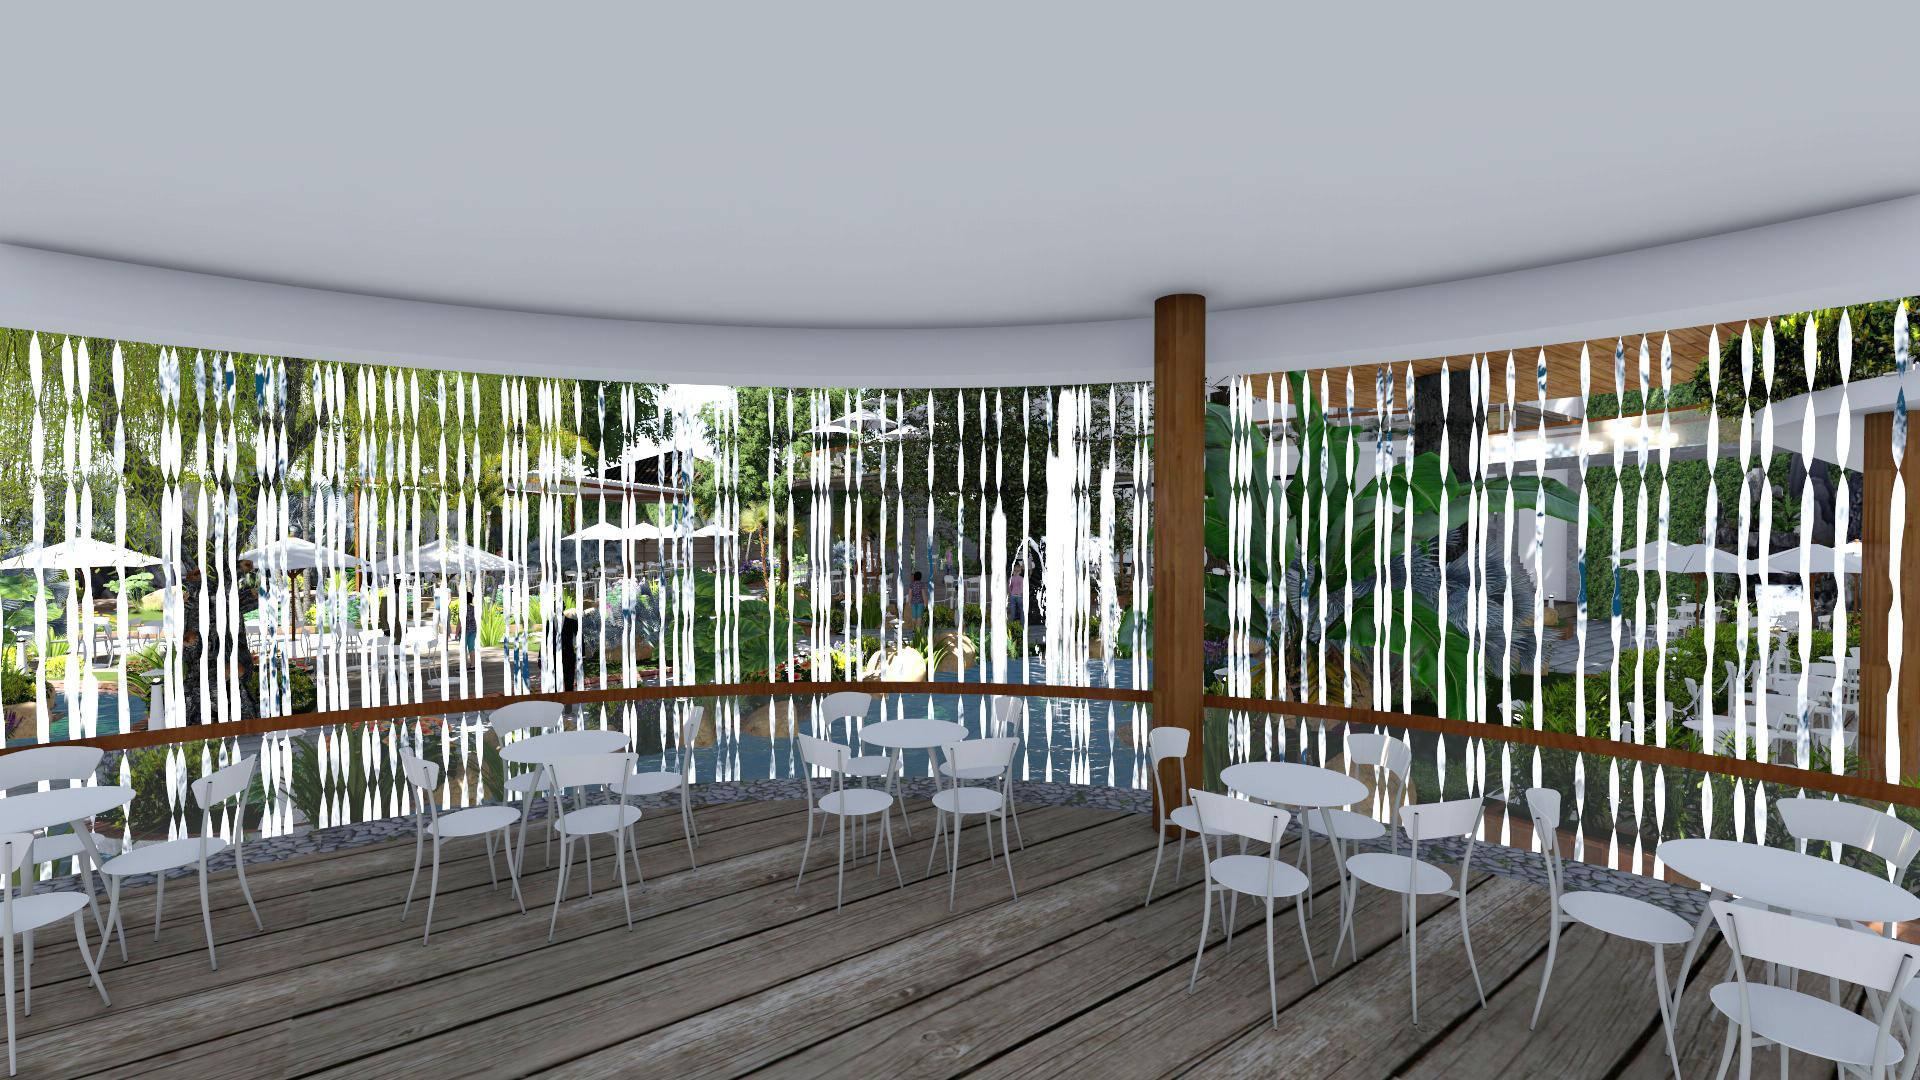 Thiết kế quán cafe sân vườn tại Bình Tấn